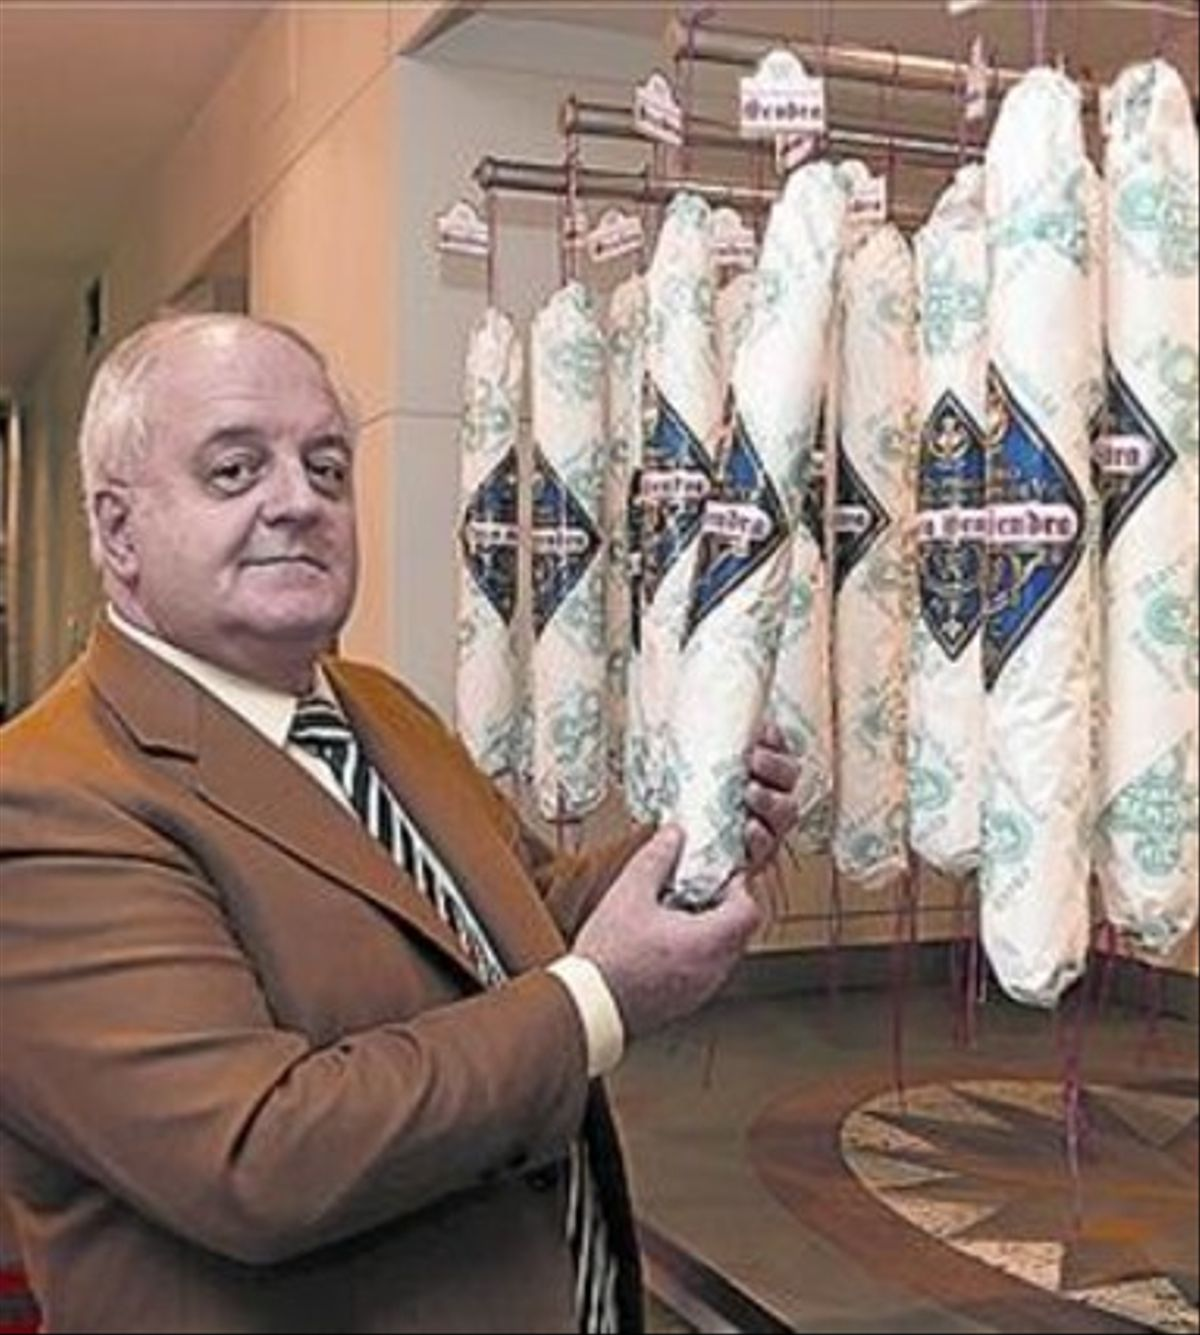 Pau Arboix, propietario de Casa Sendra, sostiene uno de los salchichones que fabrica.